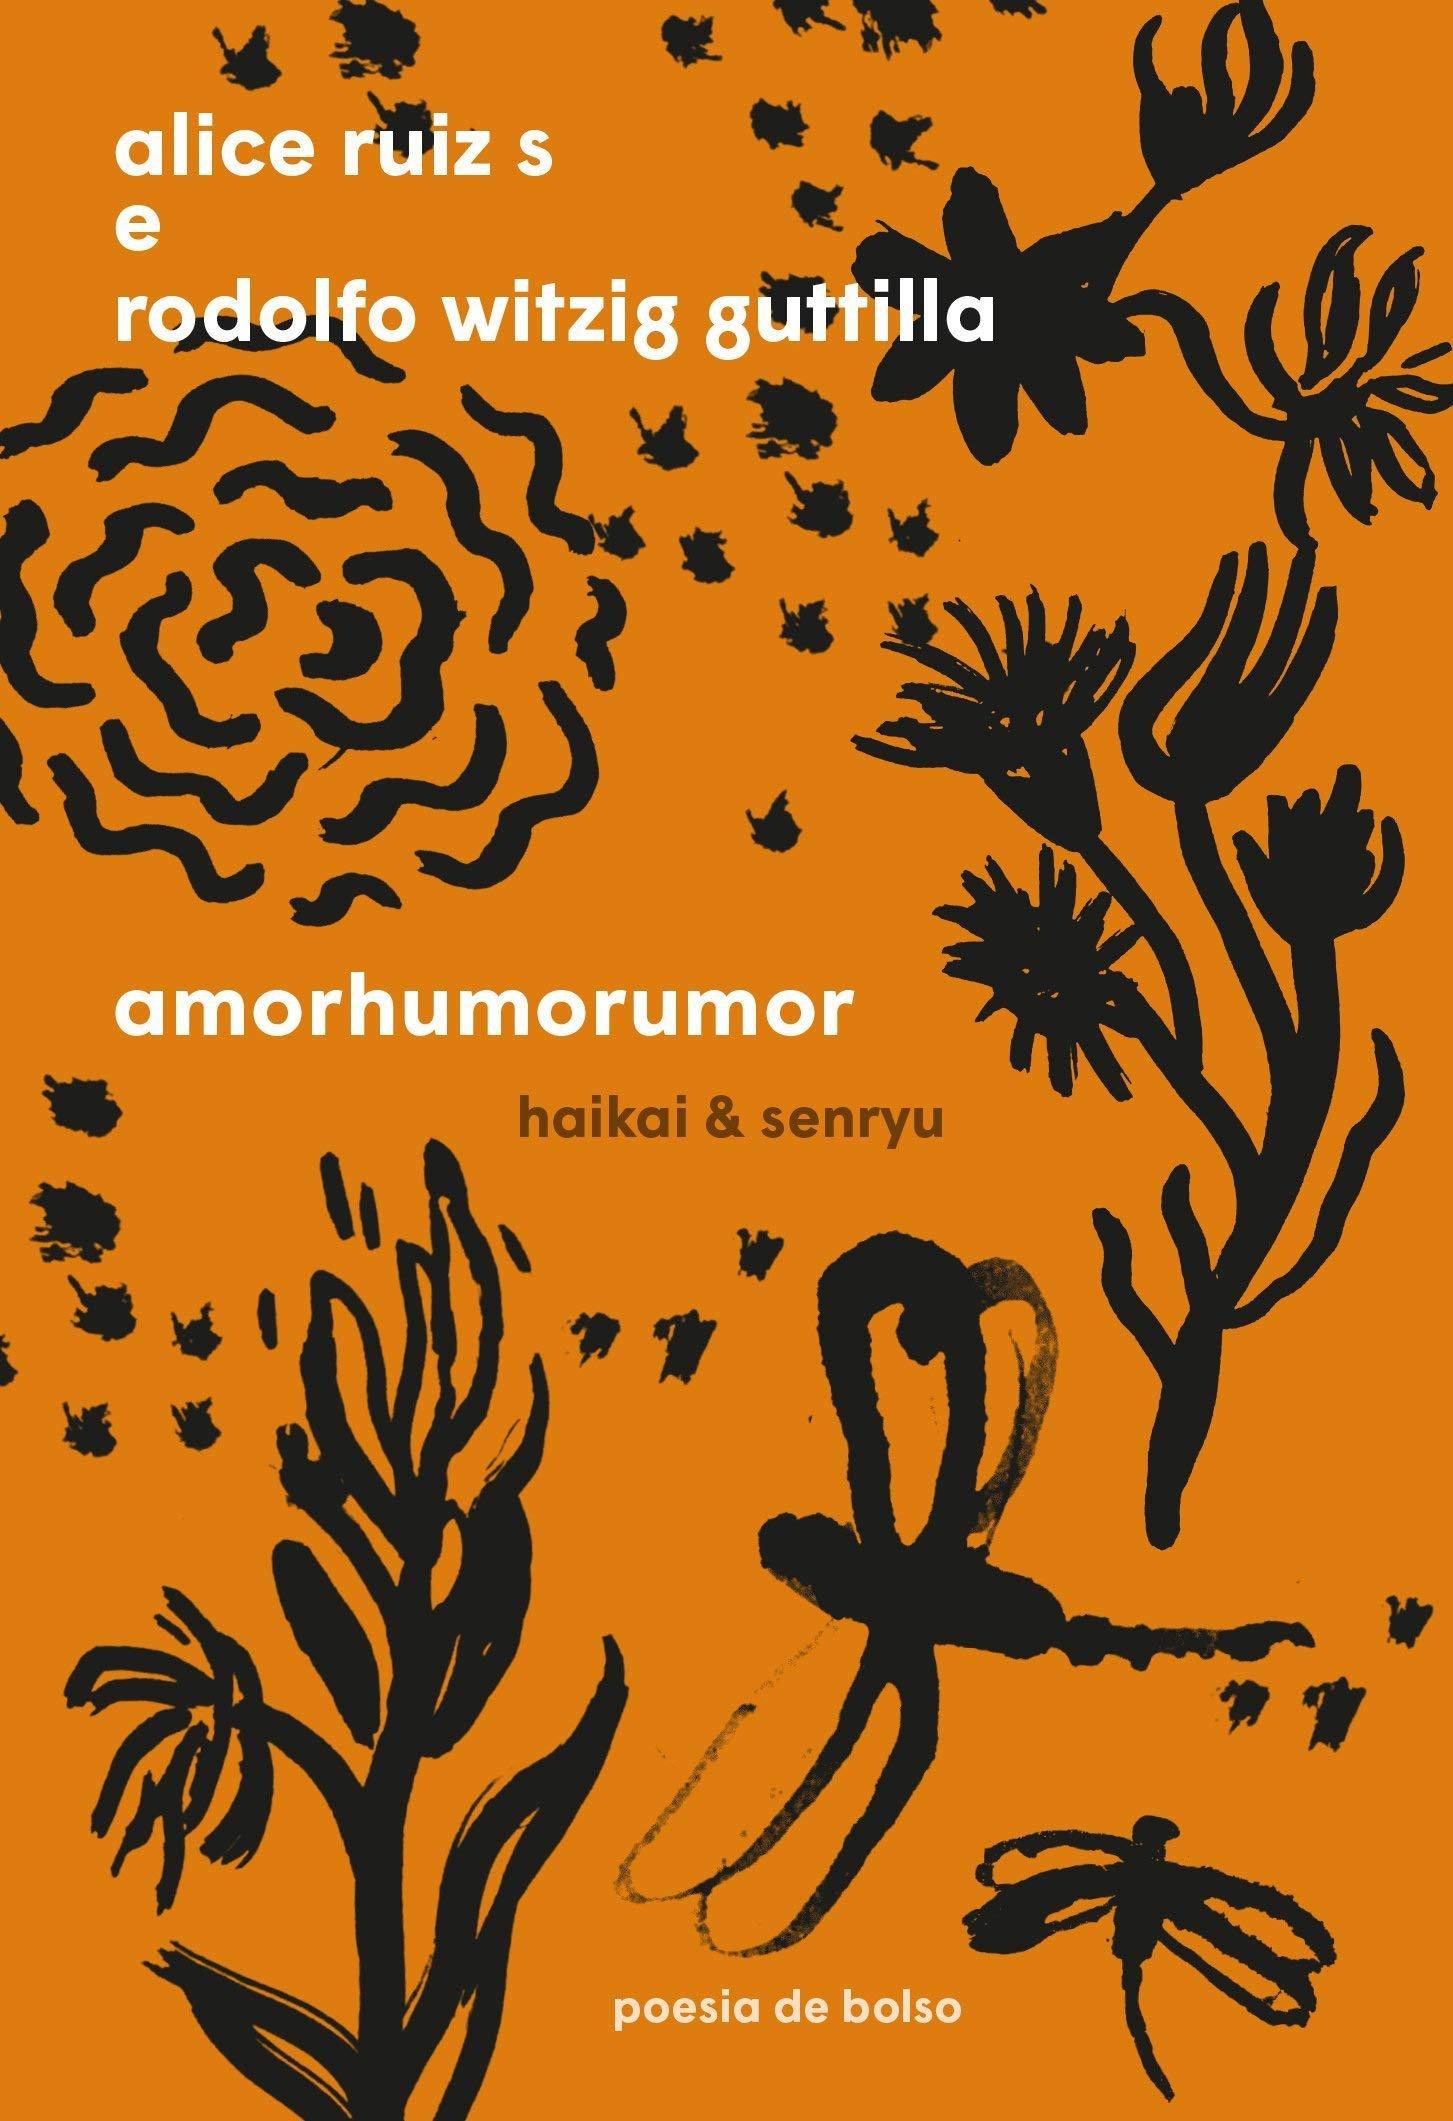 """""""Amorhumorumor: Haikai & senryu"""", de Alice Ruiz S e Rodolfo Witzig Guttilla"""